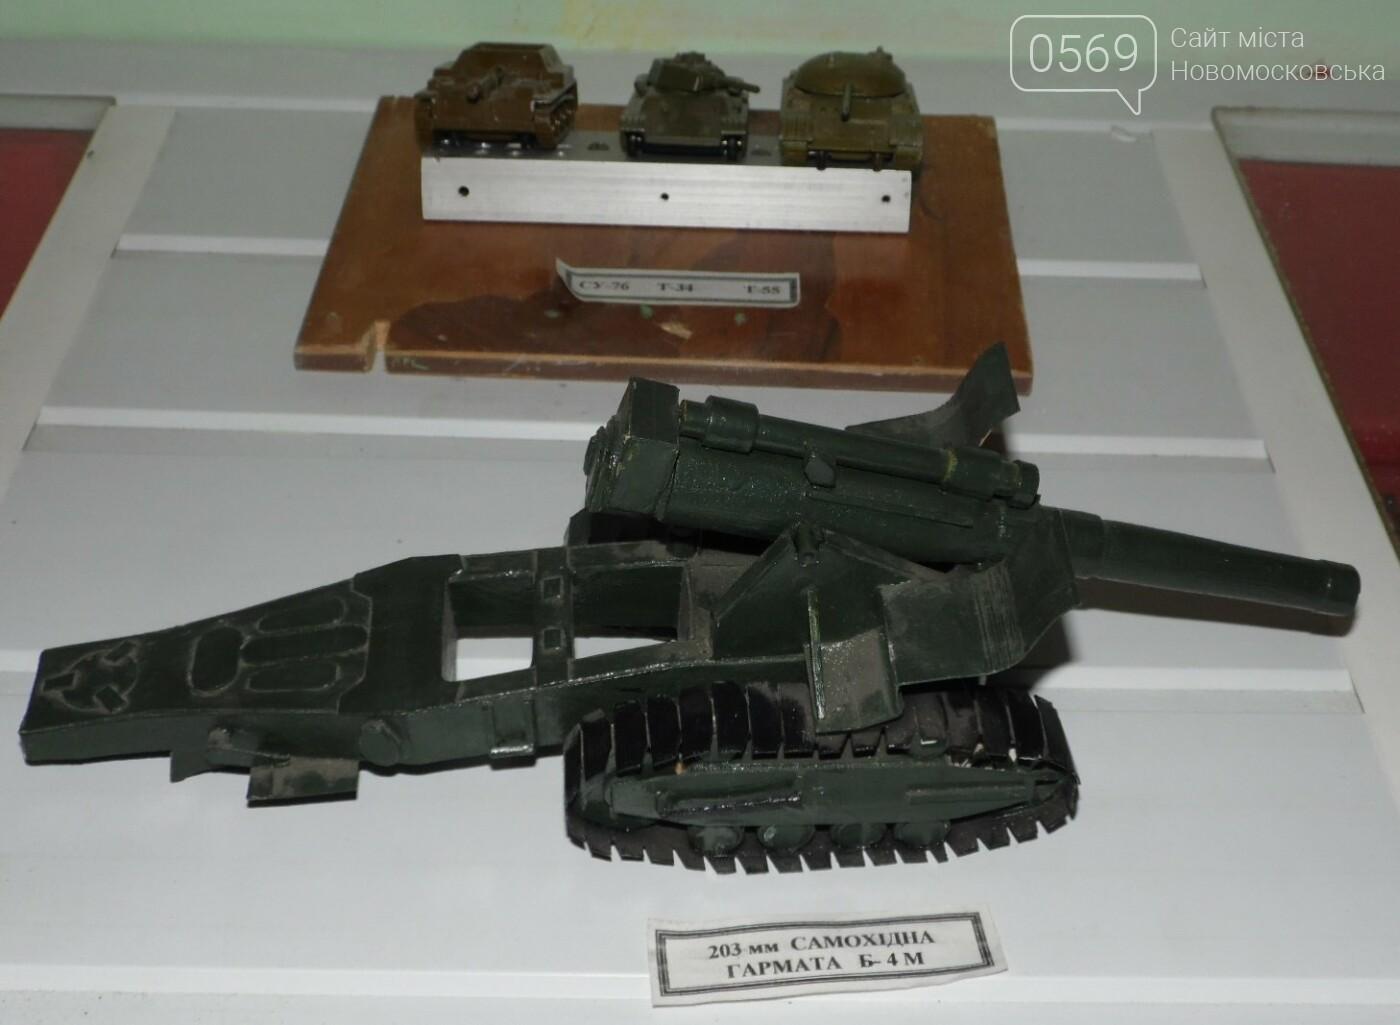 В Новомосковске отметили 75-летие воинской части, фото-2